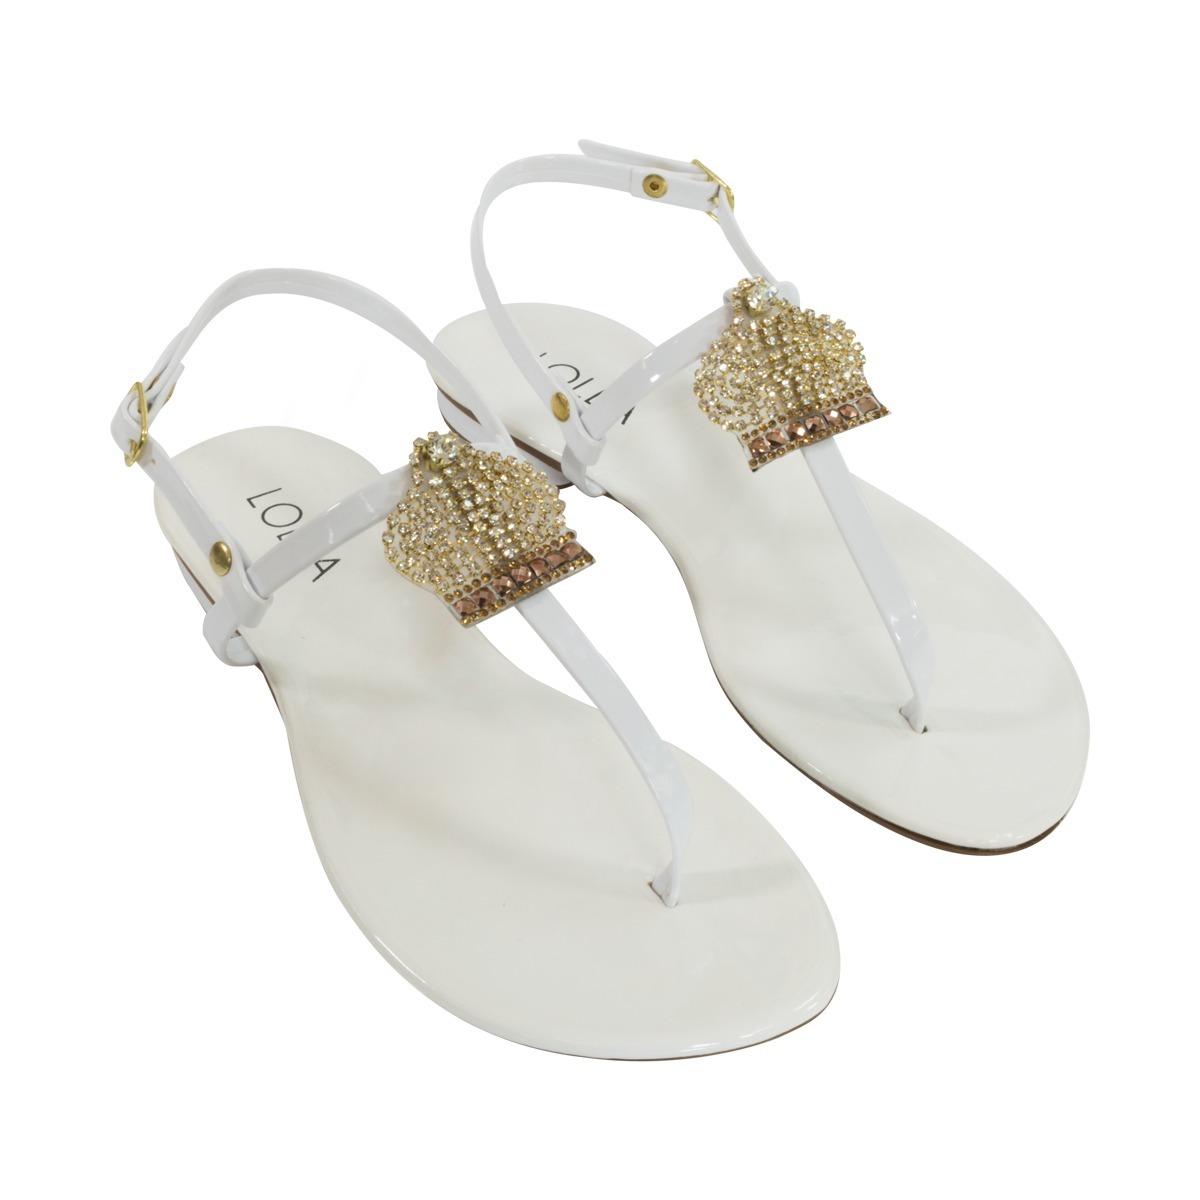 072ac2cb82 sandália rasteira feminina moda verão. Carregando zoom.